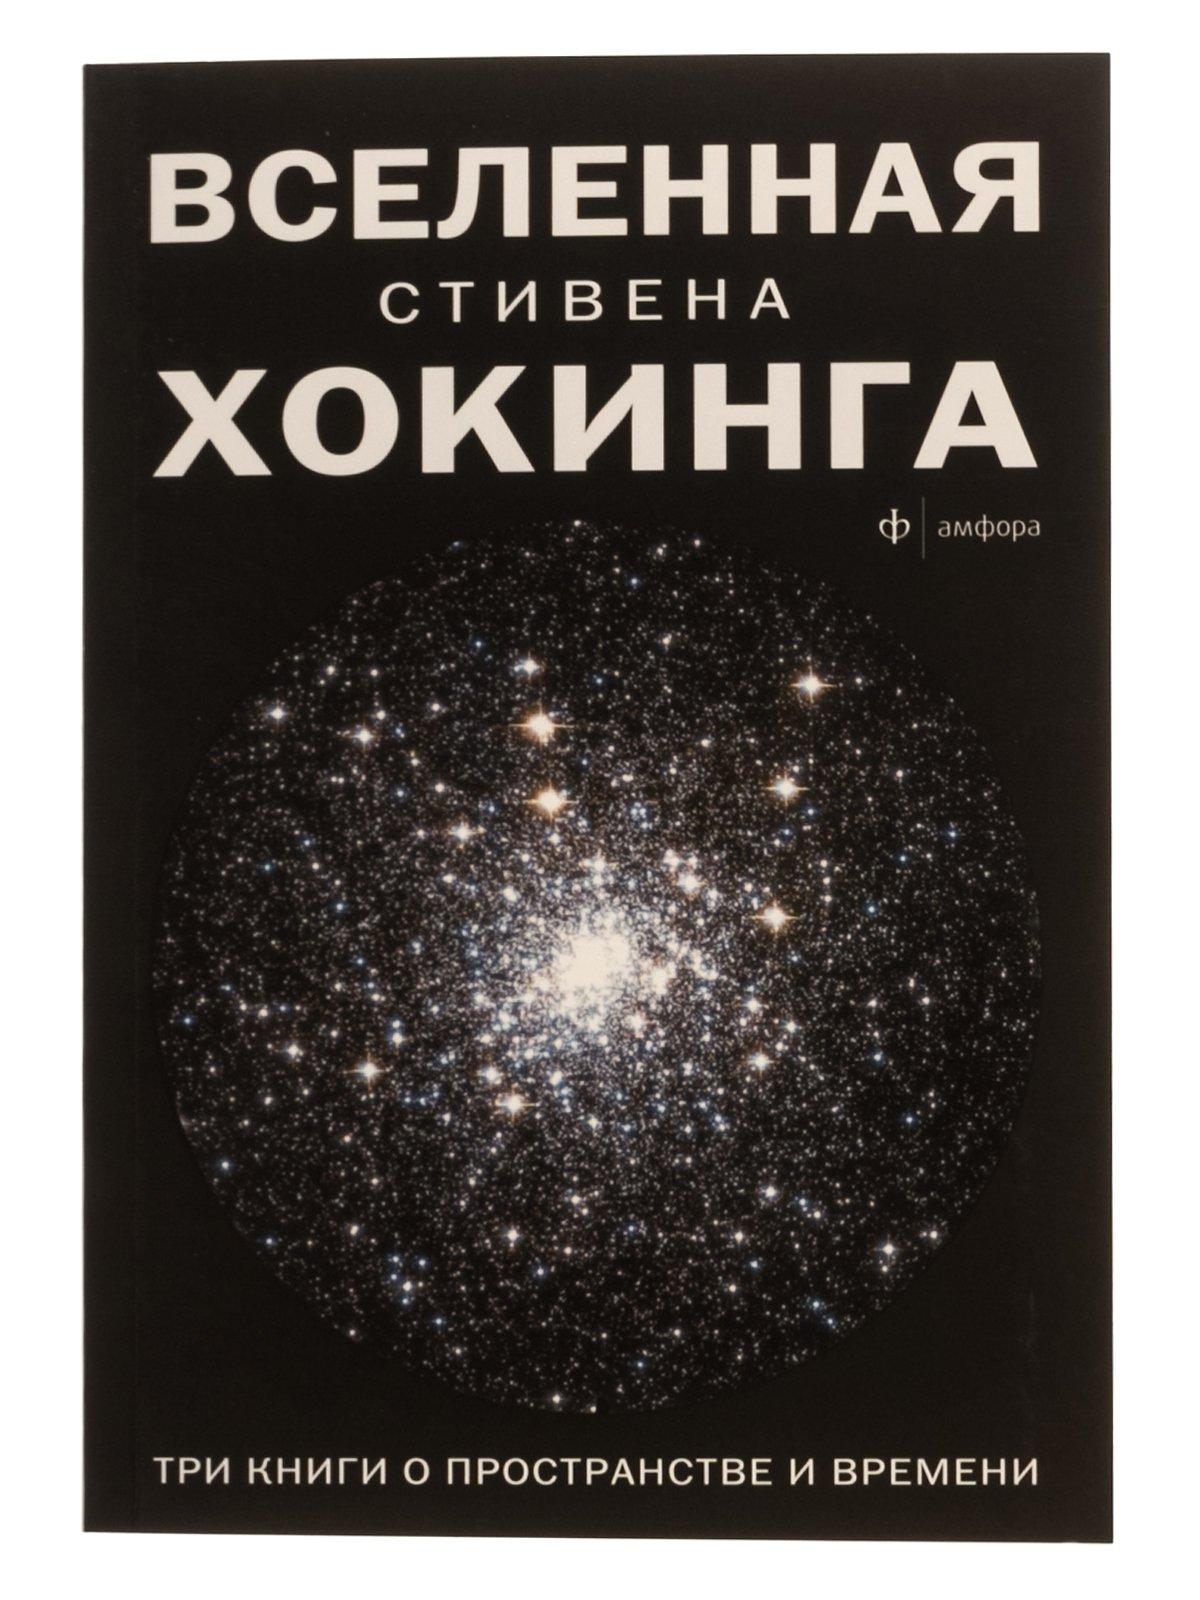 Картинки по запросу вселенная стивена три книги о пространстве и времени картинка